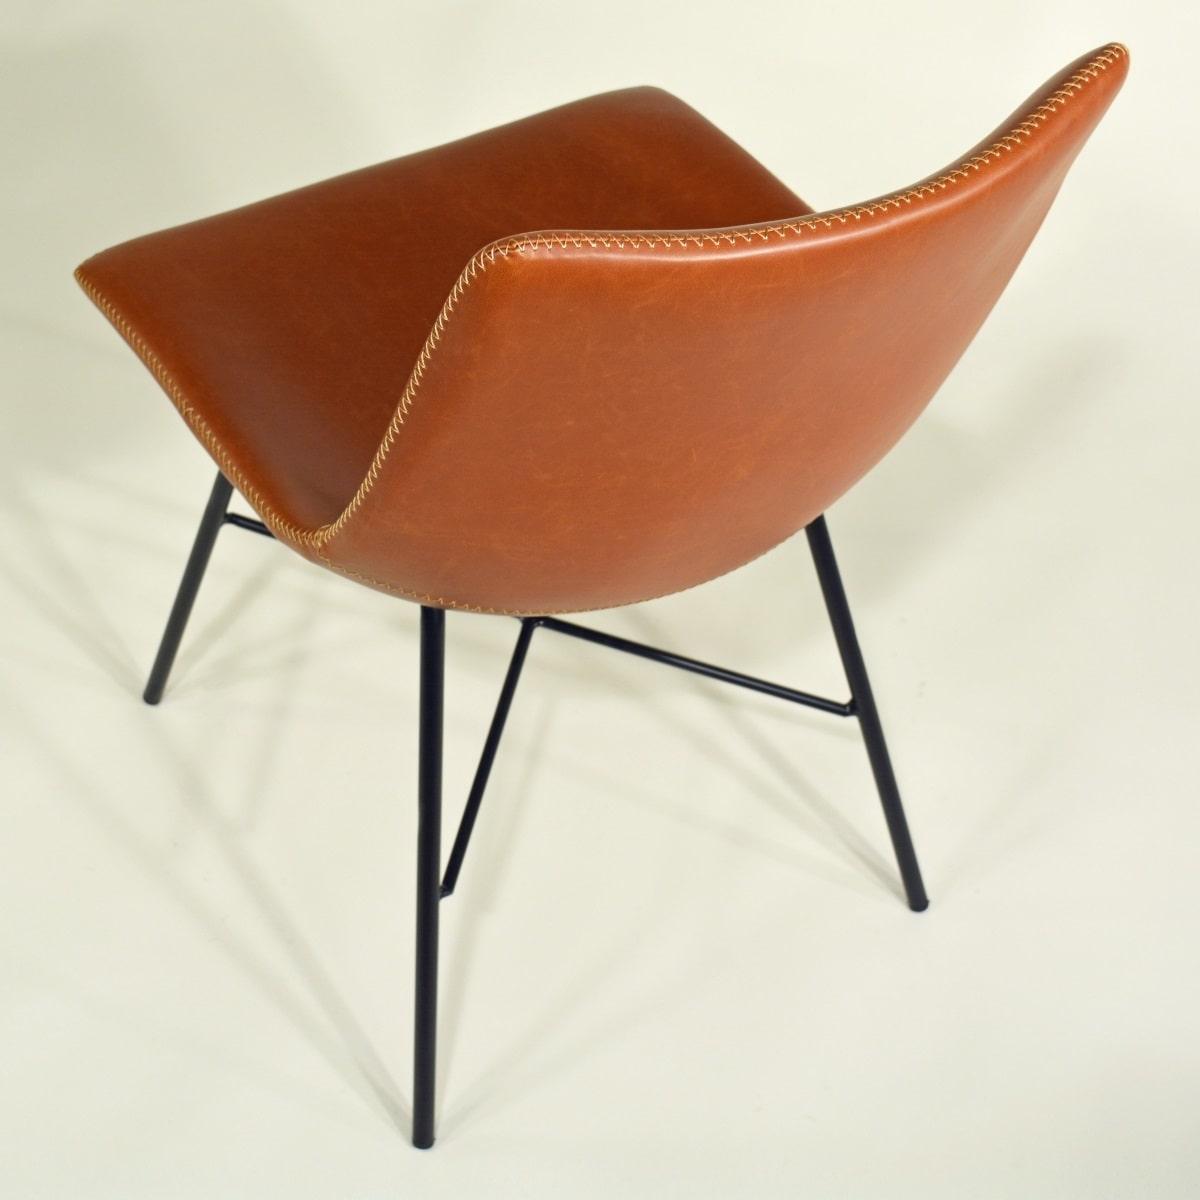 Stuhl Industrial Schick braun Metallgestell schwarz